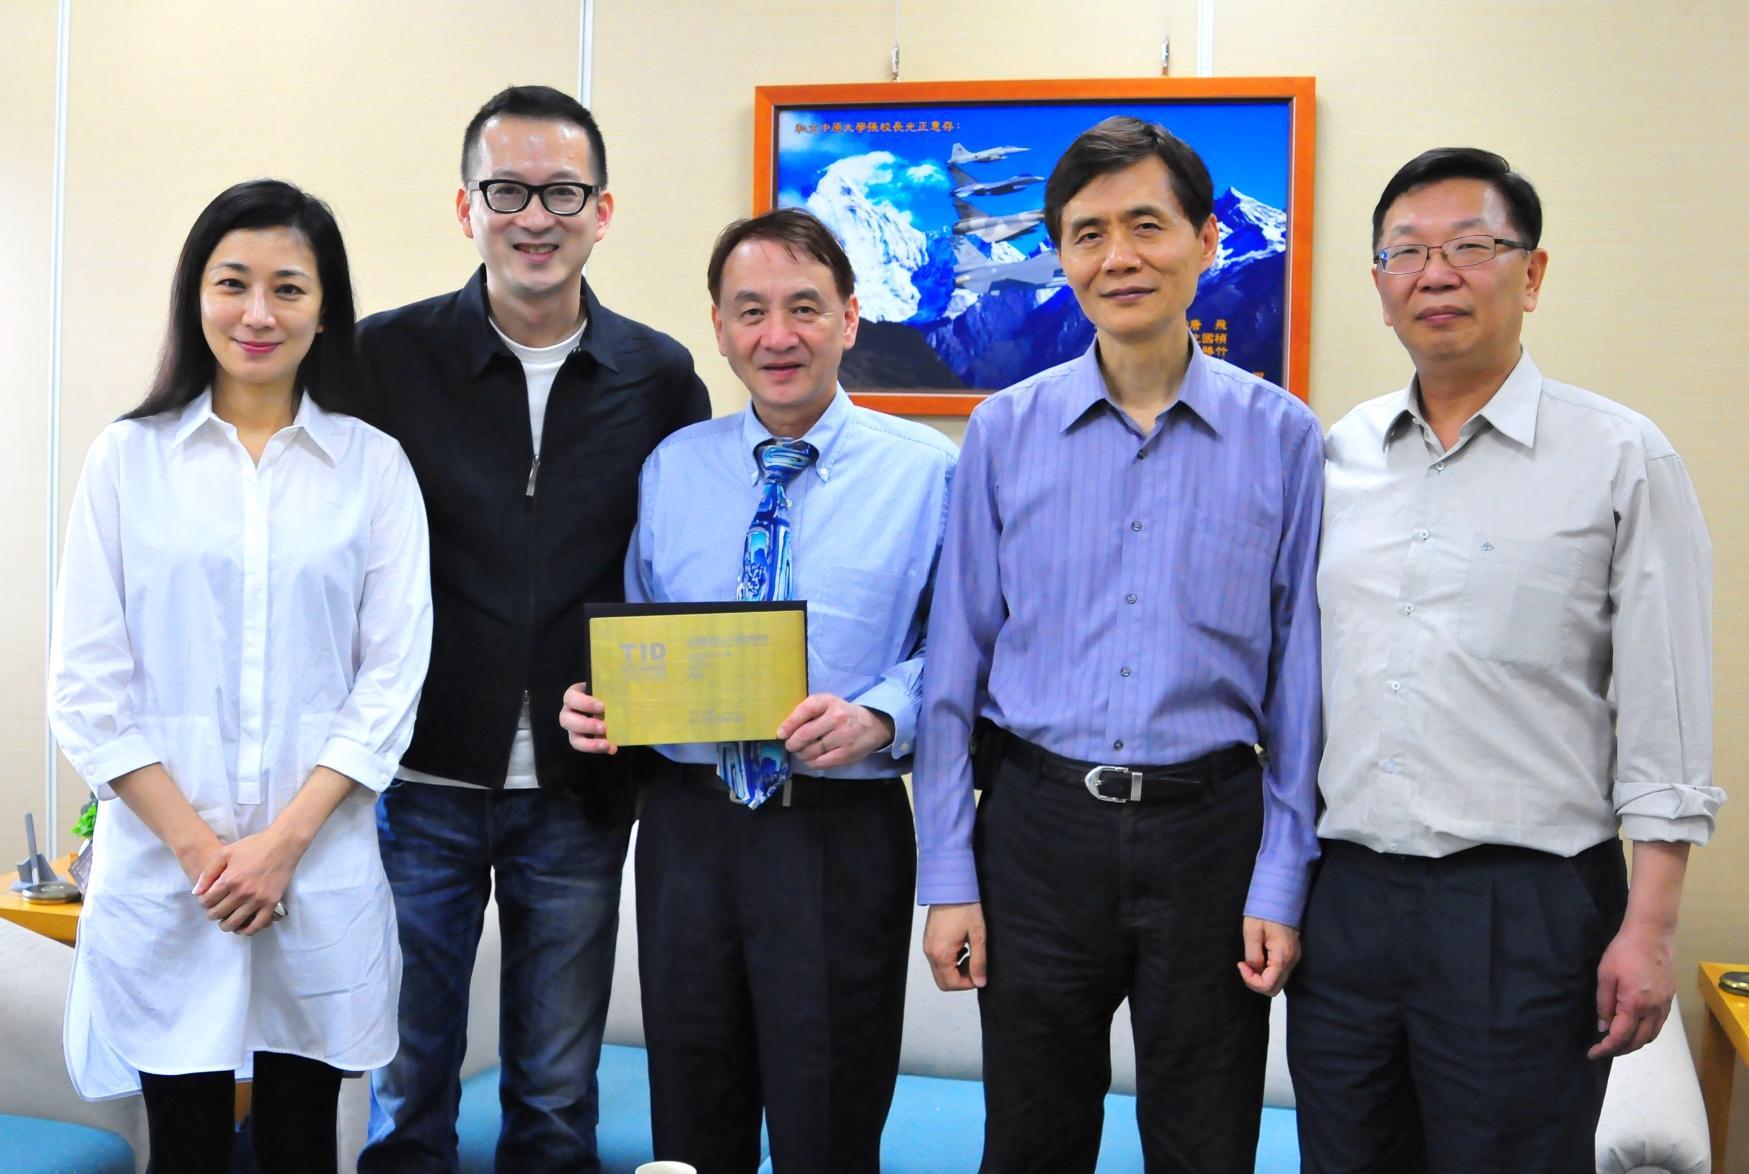 賀! 樂學園榮獲2014「台灣室內設計大獎」工作空間類TID獎